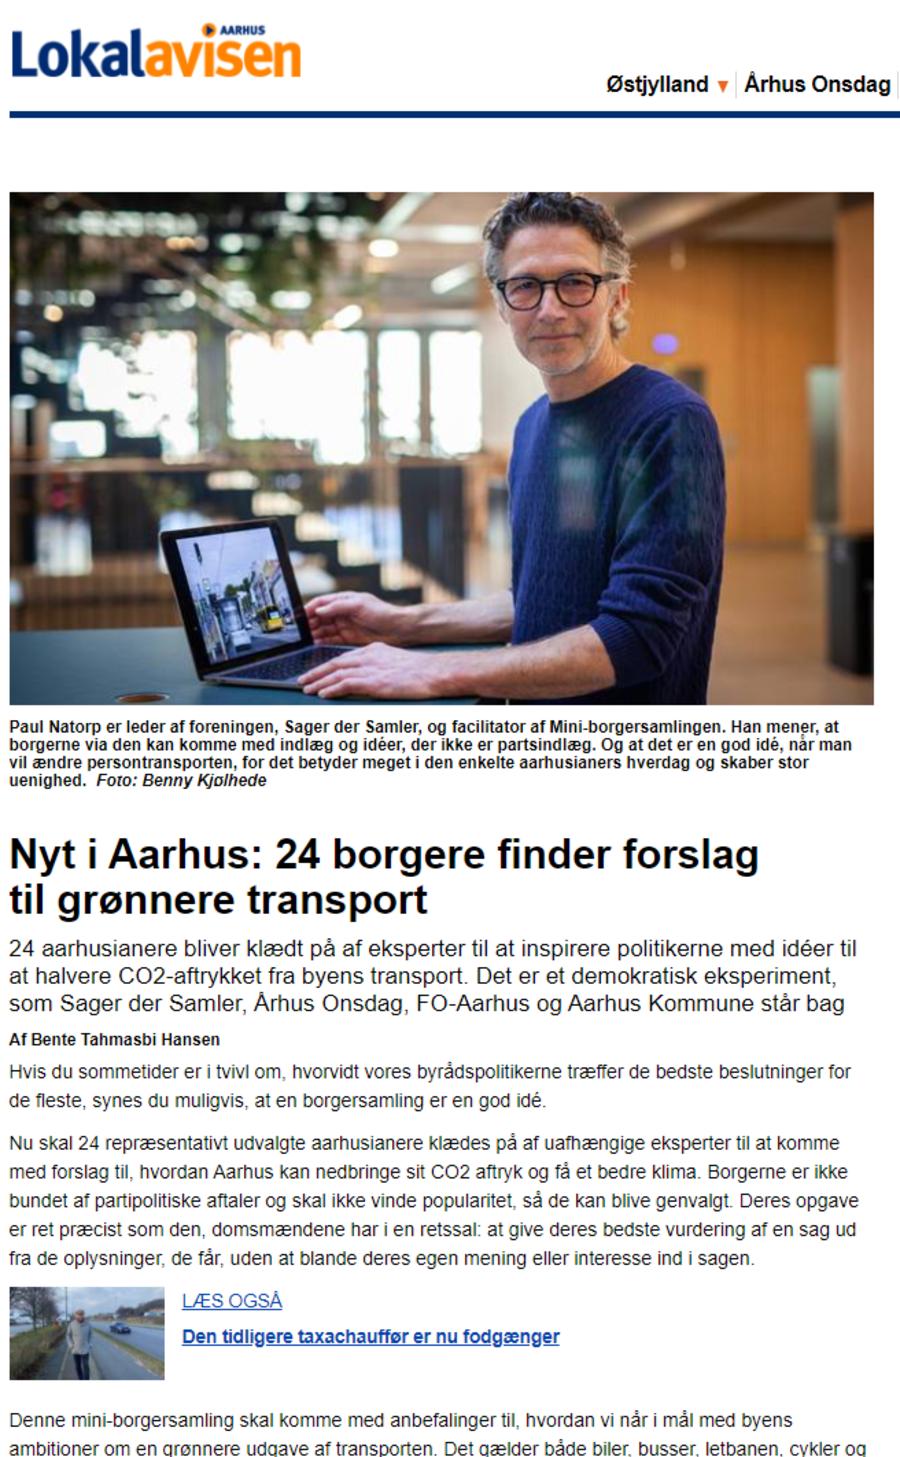 Billede af artikel fra Aarhus Onsdag om borgersamling